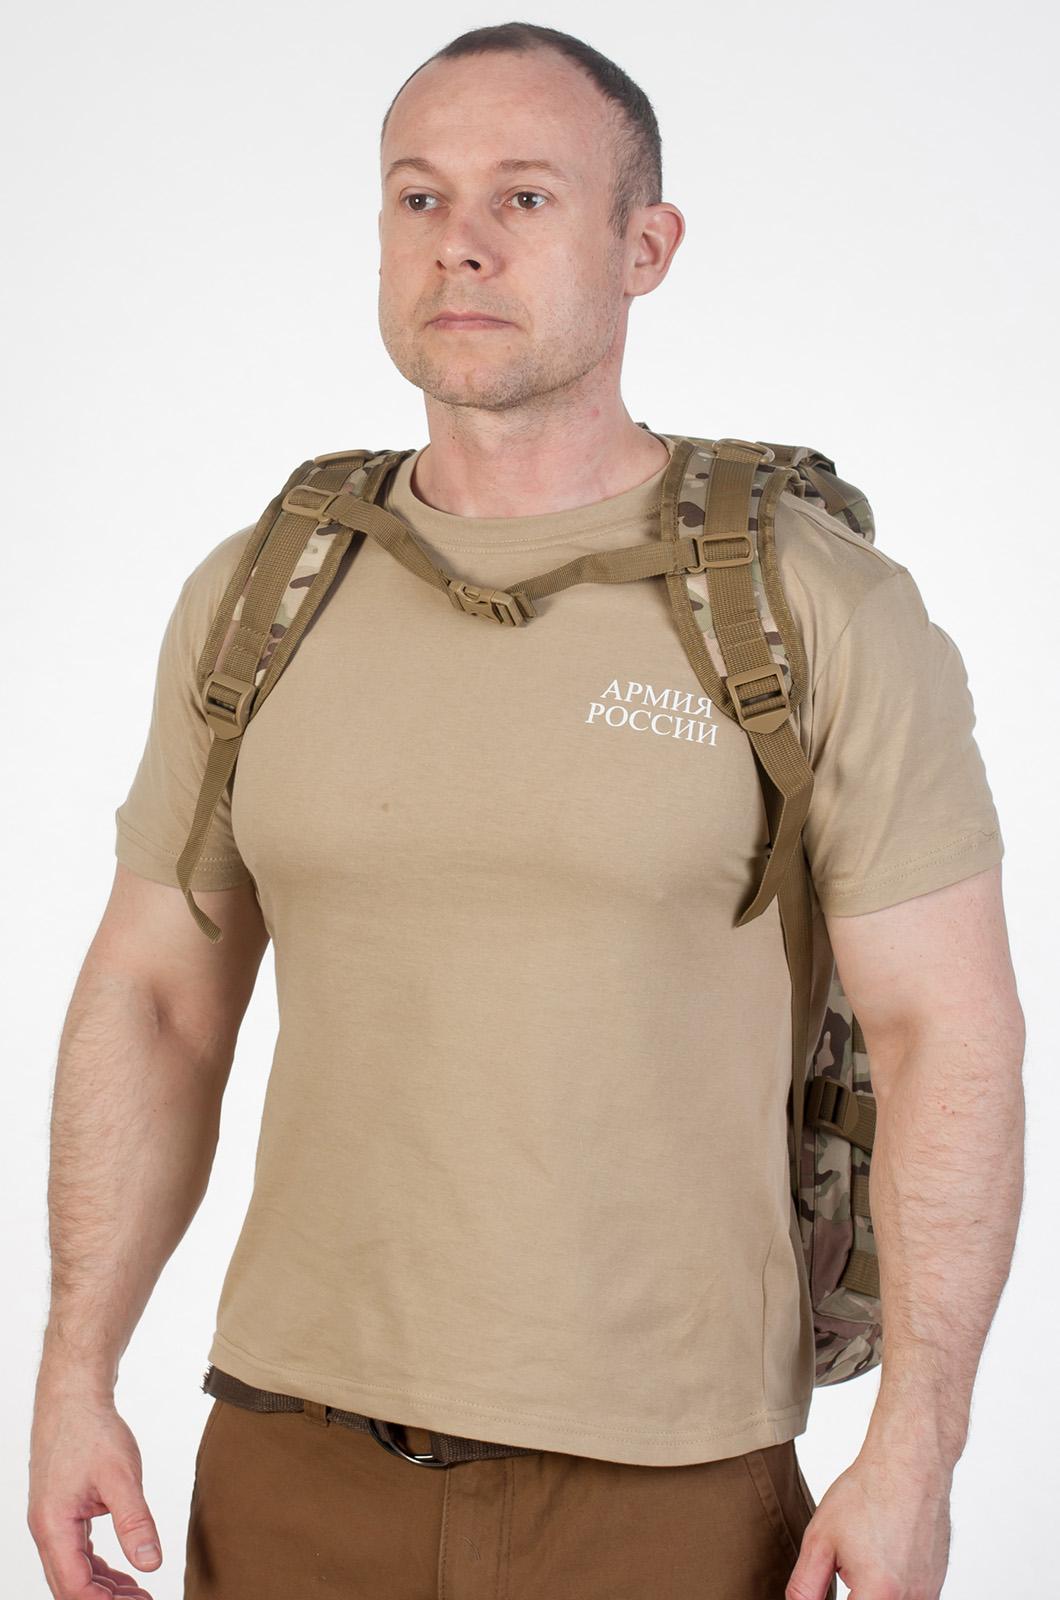 Штурмовой камуфляжный рюкзак с эмблемой РВСН - заказать онлайн